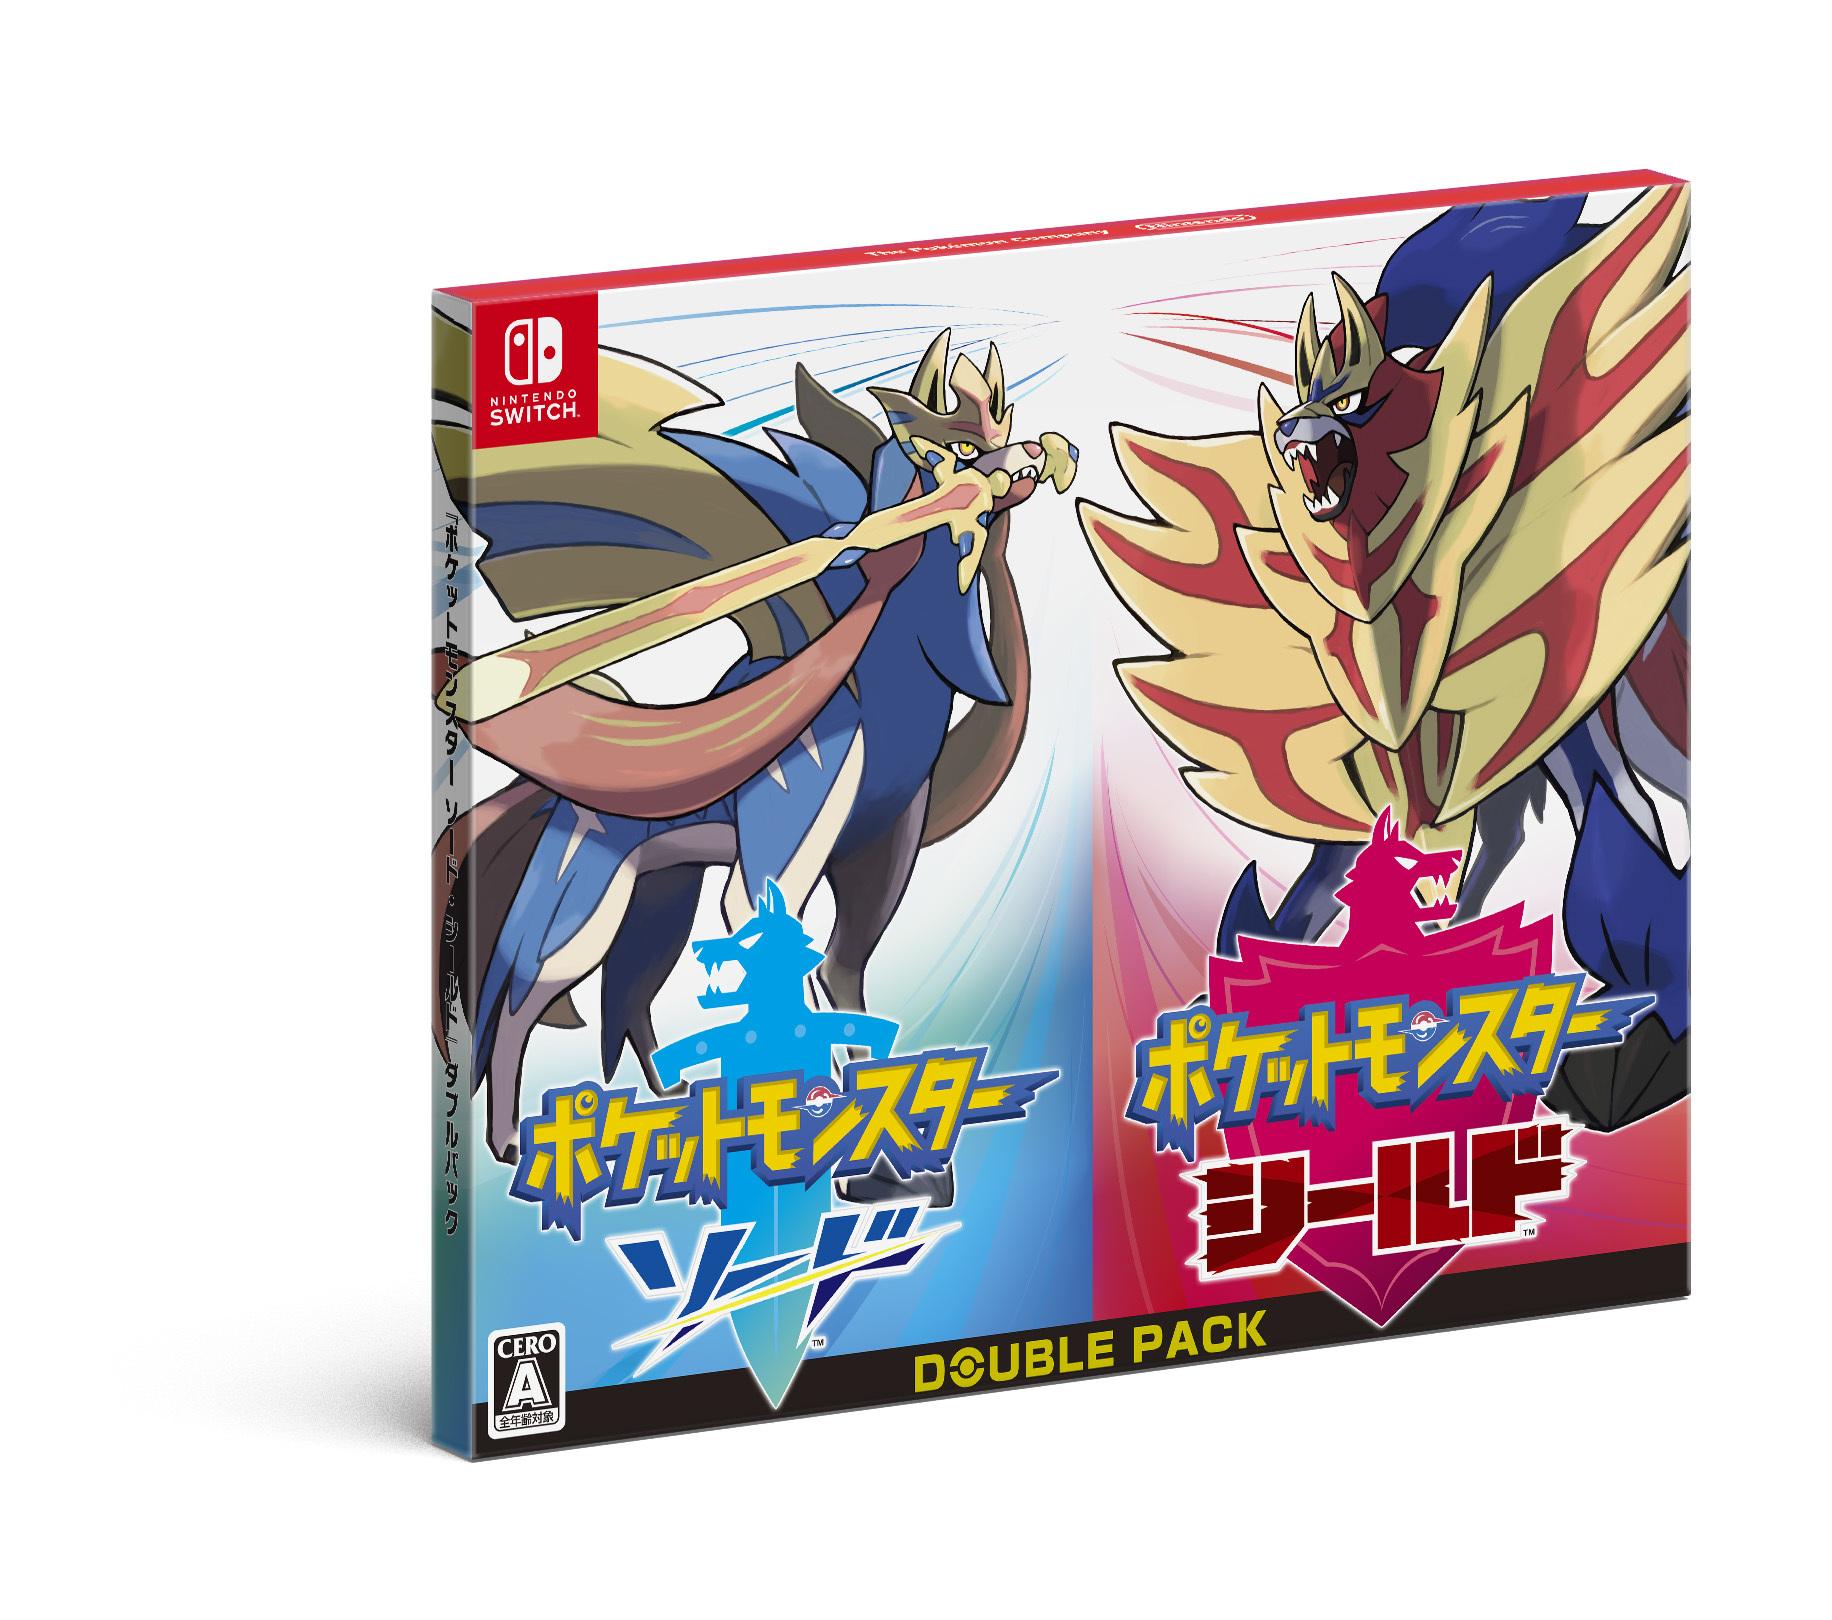 『ポケットモンスター ソード・シールド』 (C)2020 Pokémon. (C)1995-2020 Nintendo/Creatures Inc. /GAME FREAK inc.